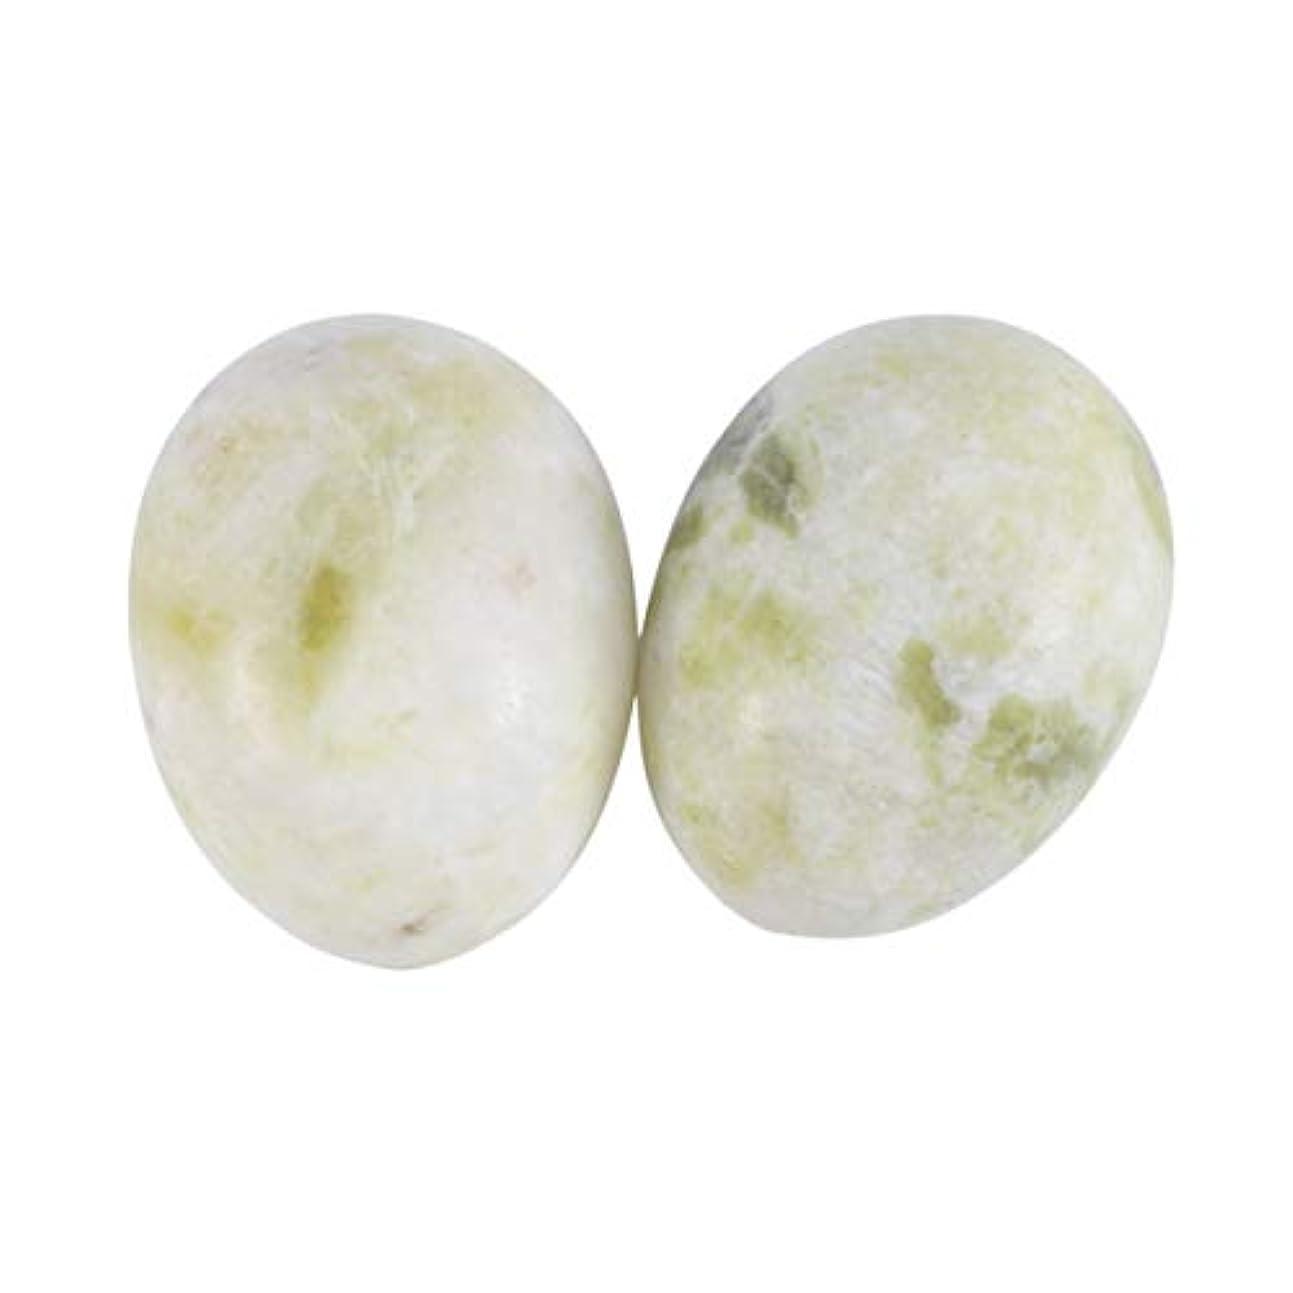 主人逃れる肺炎SUPVOX 6本ネフライトジェイドヨニエッグジェイドヨニマッサージストーンチャクラ骨盤筋肉癒しの卵マッサージケゲルエクササイズ(Lantian Jade Egg)